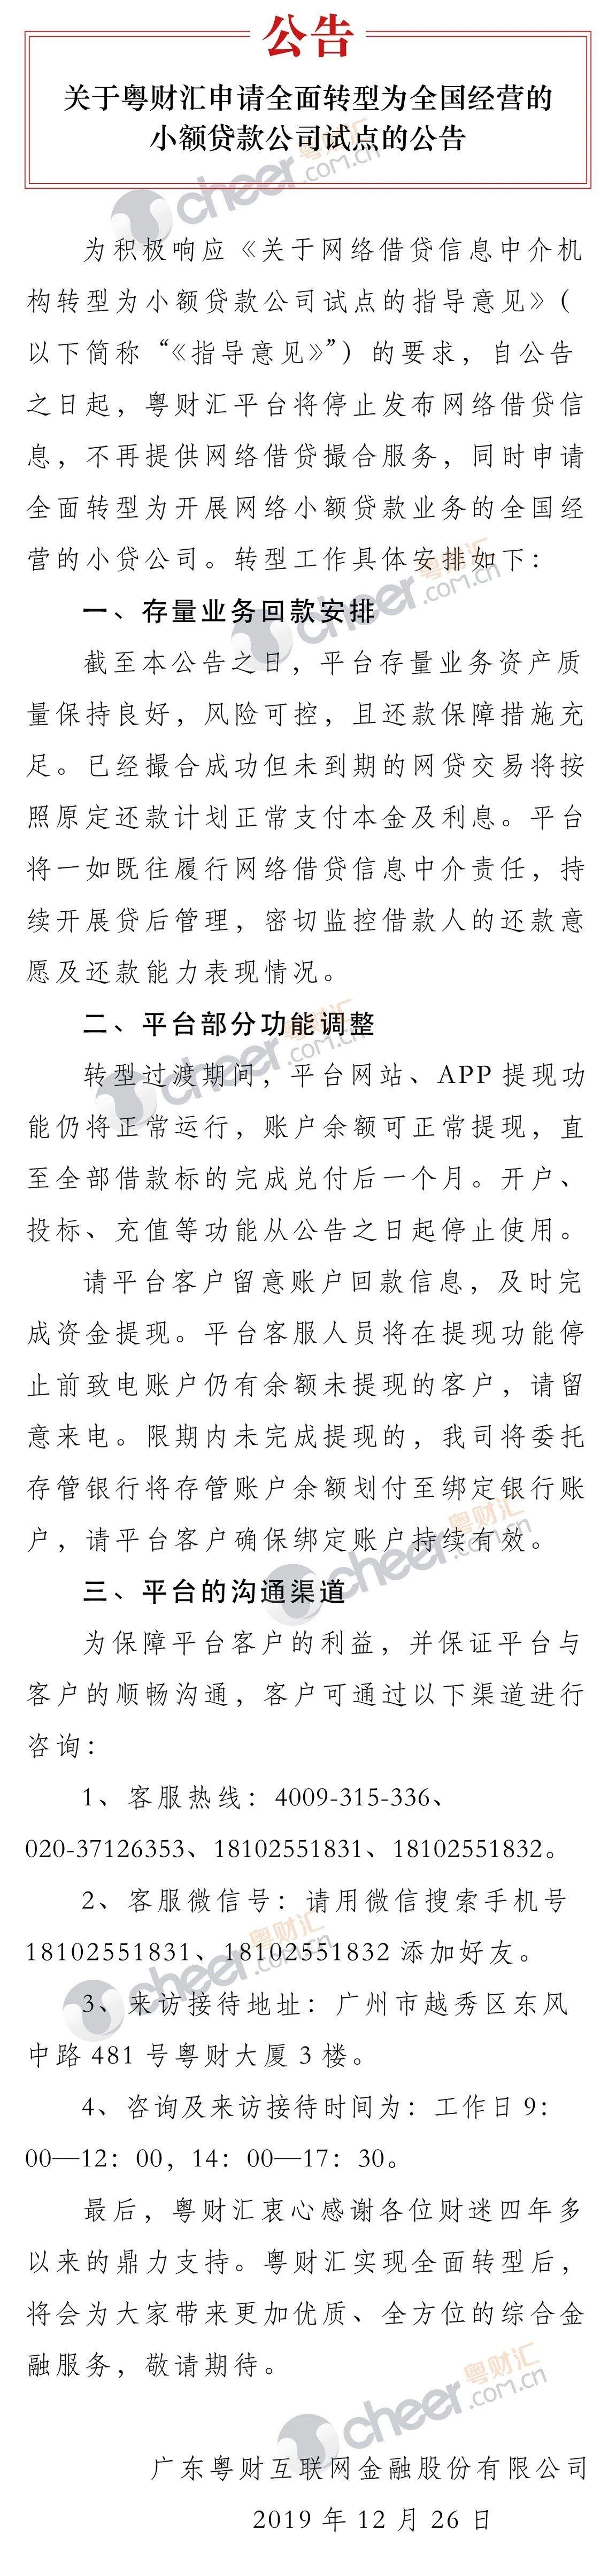 粤财汇停止P2P业务 转型全国经营小贷公司